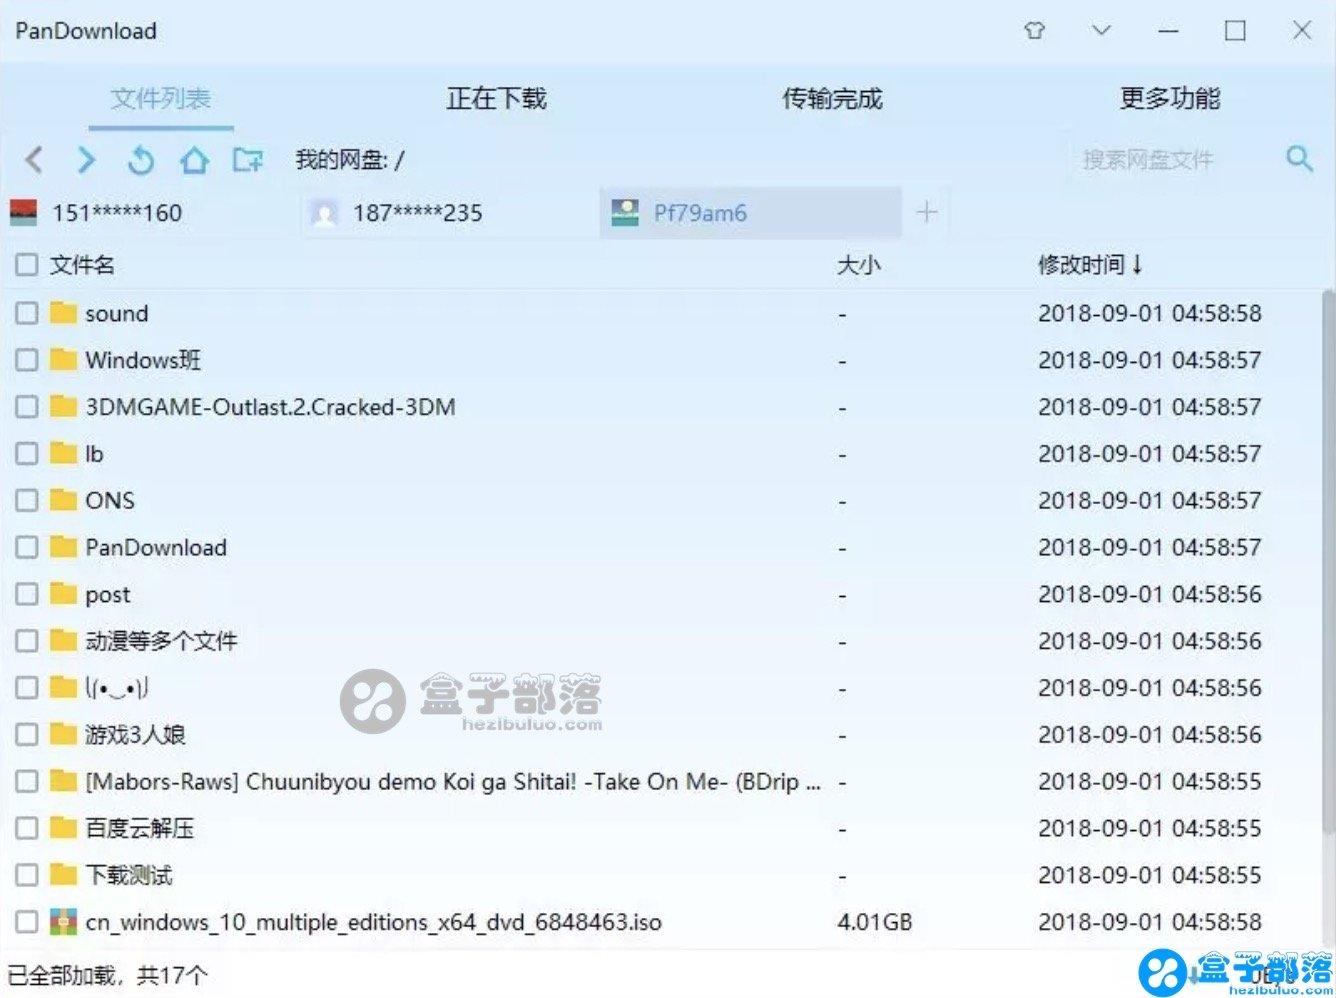 PanDownload v2.1.2 百度网盘免费高速下载器